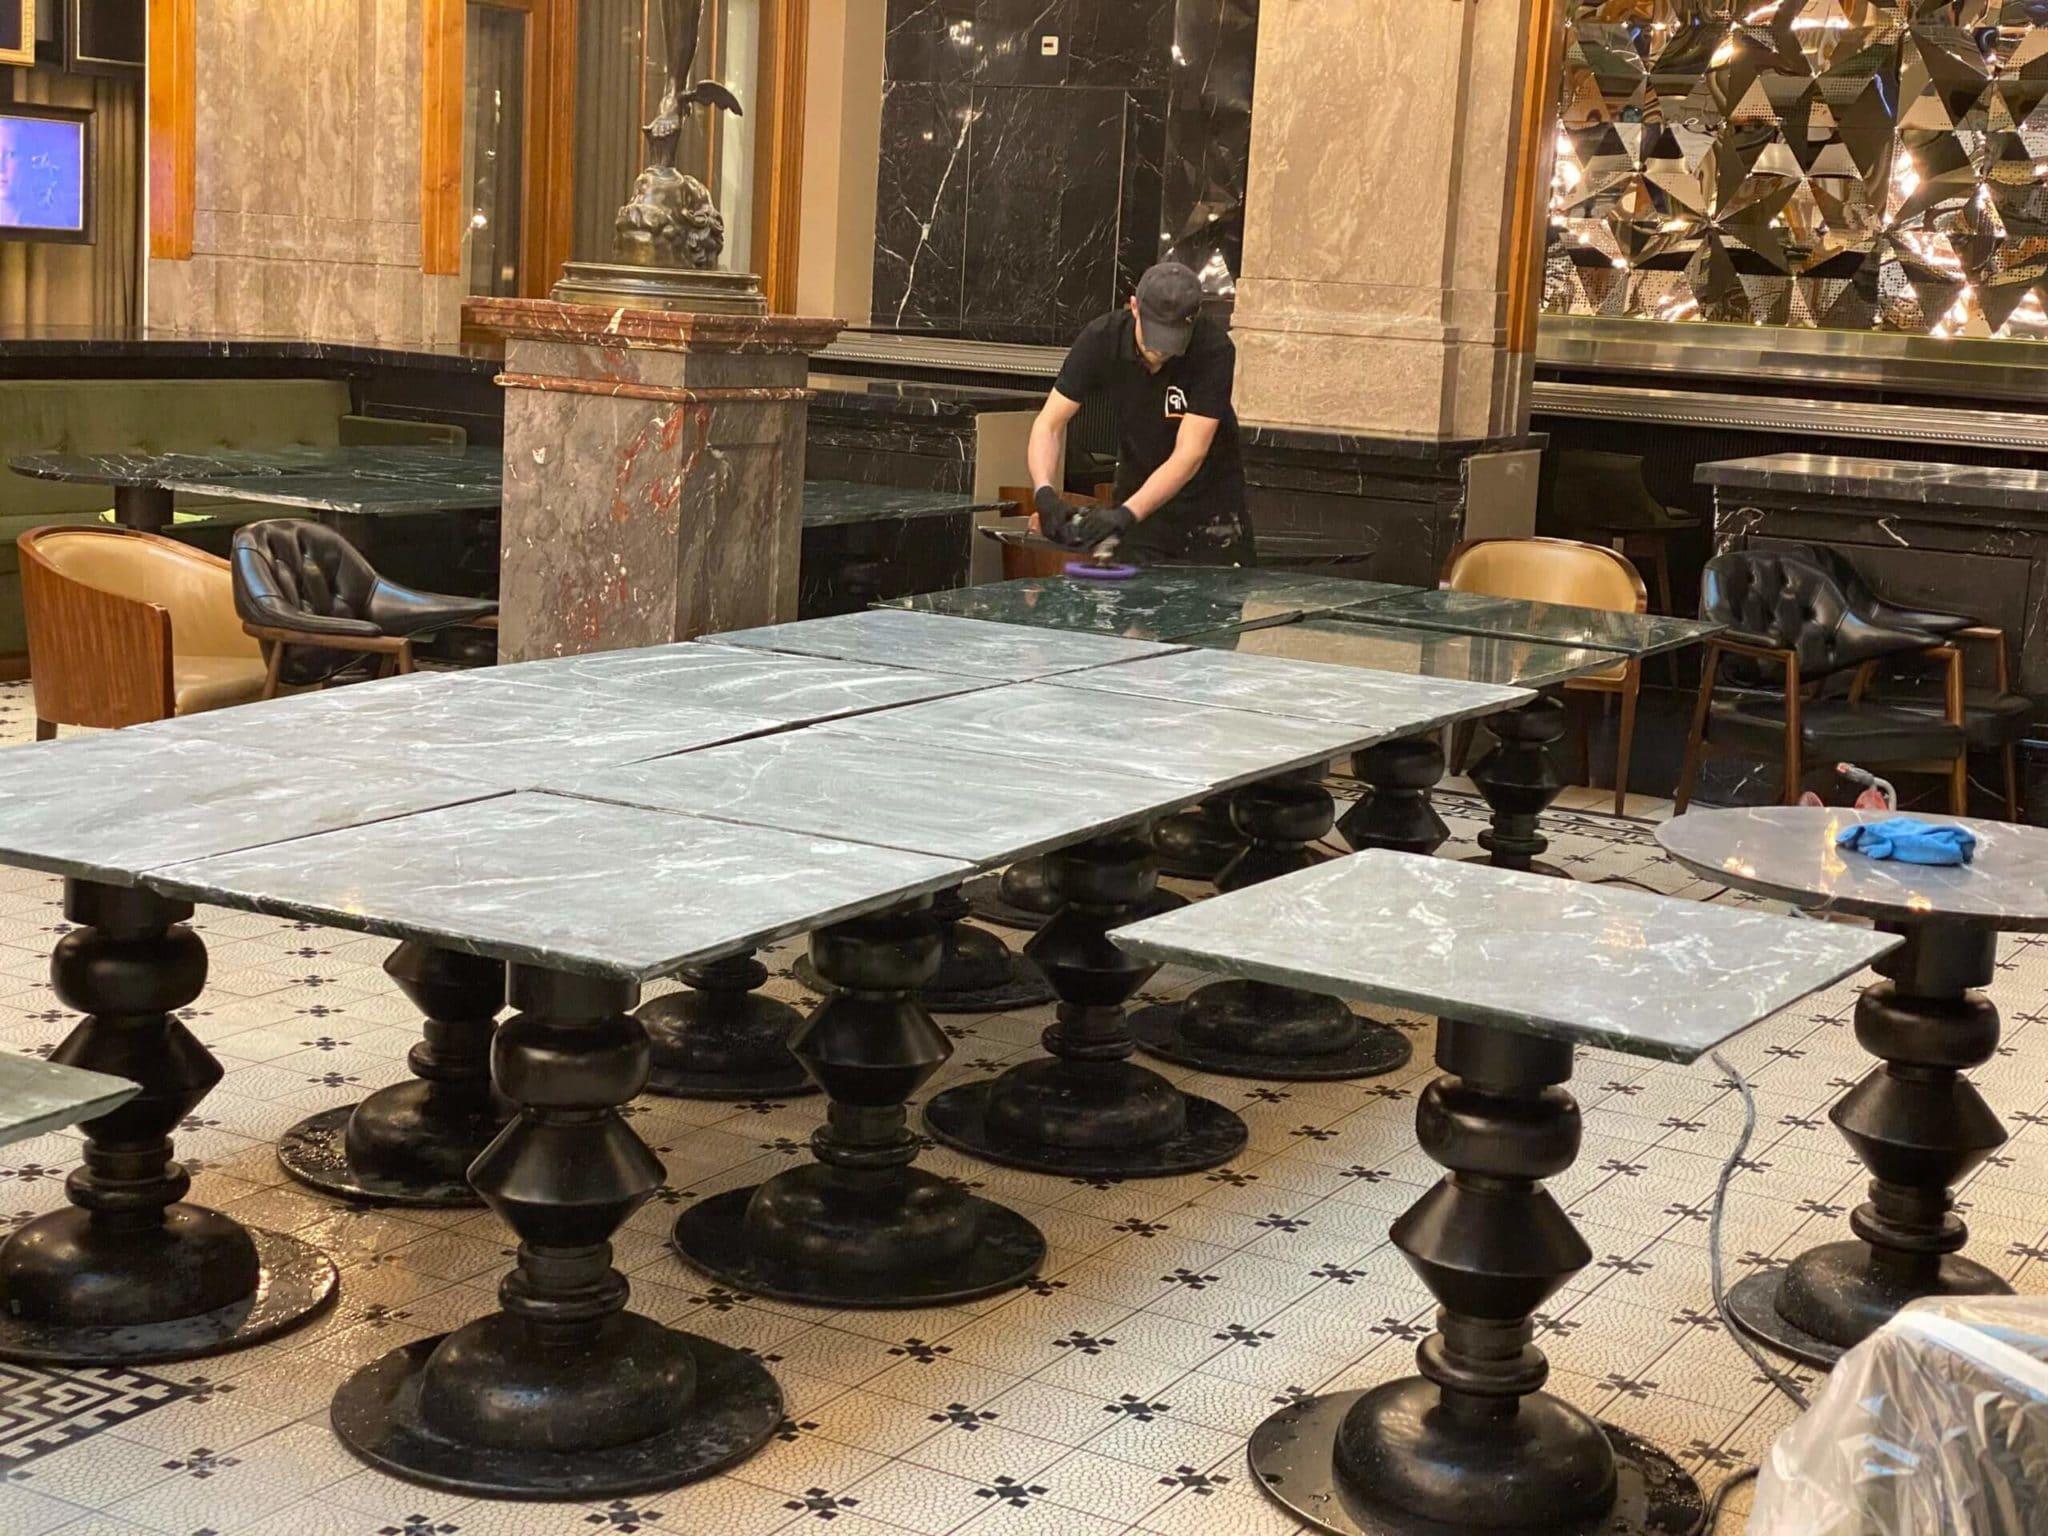 Natuursteen onderhoud tafels marmer